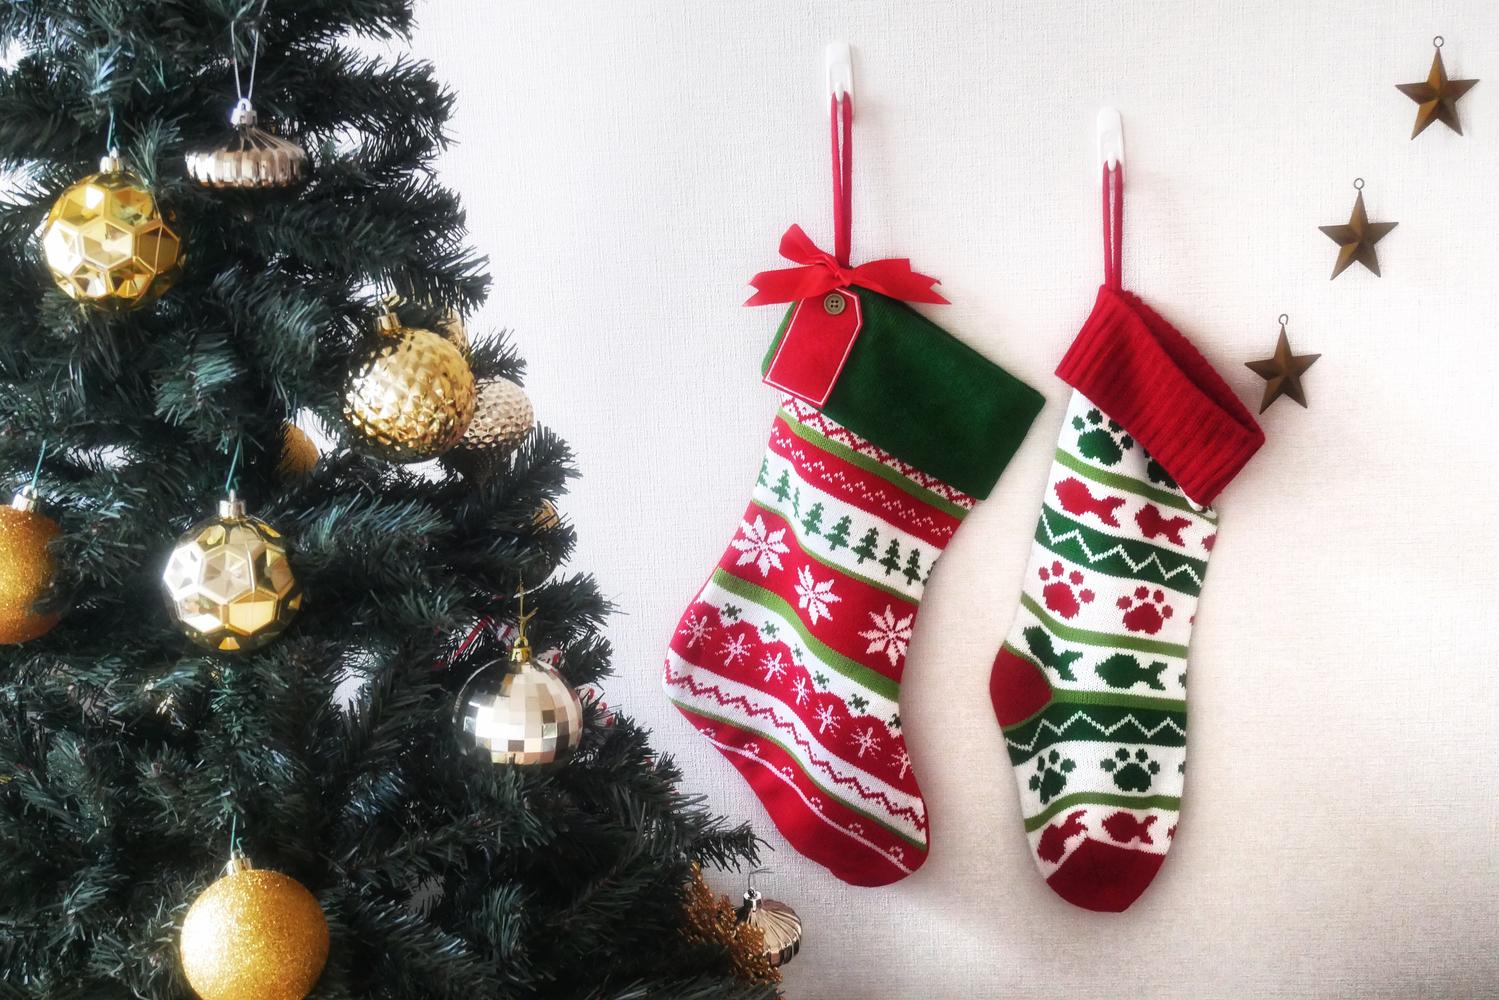 12月|クリスマスの聖なる夜はキュン攻め